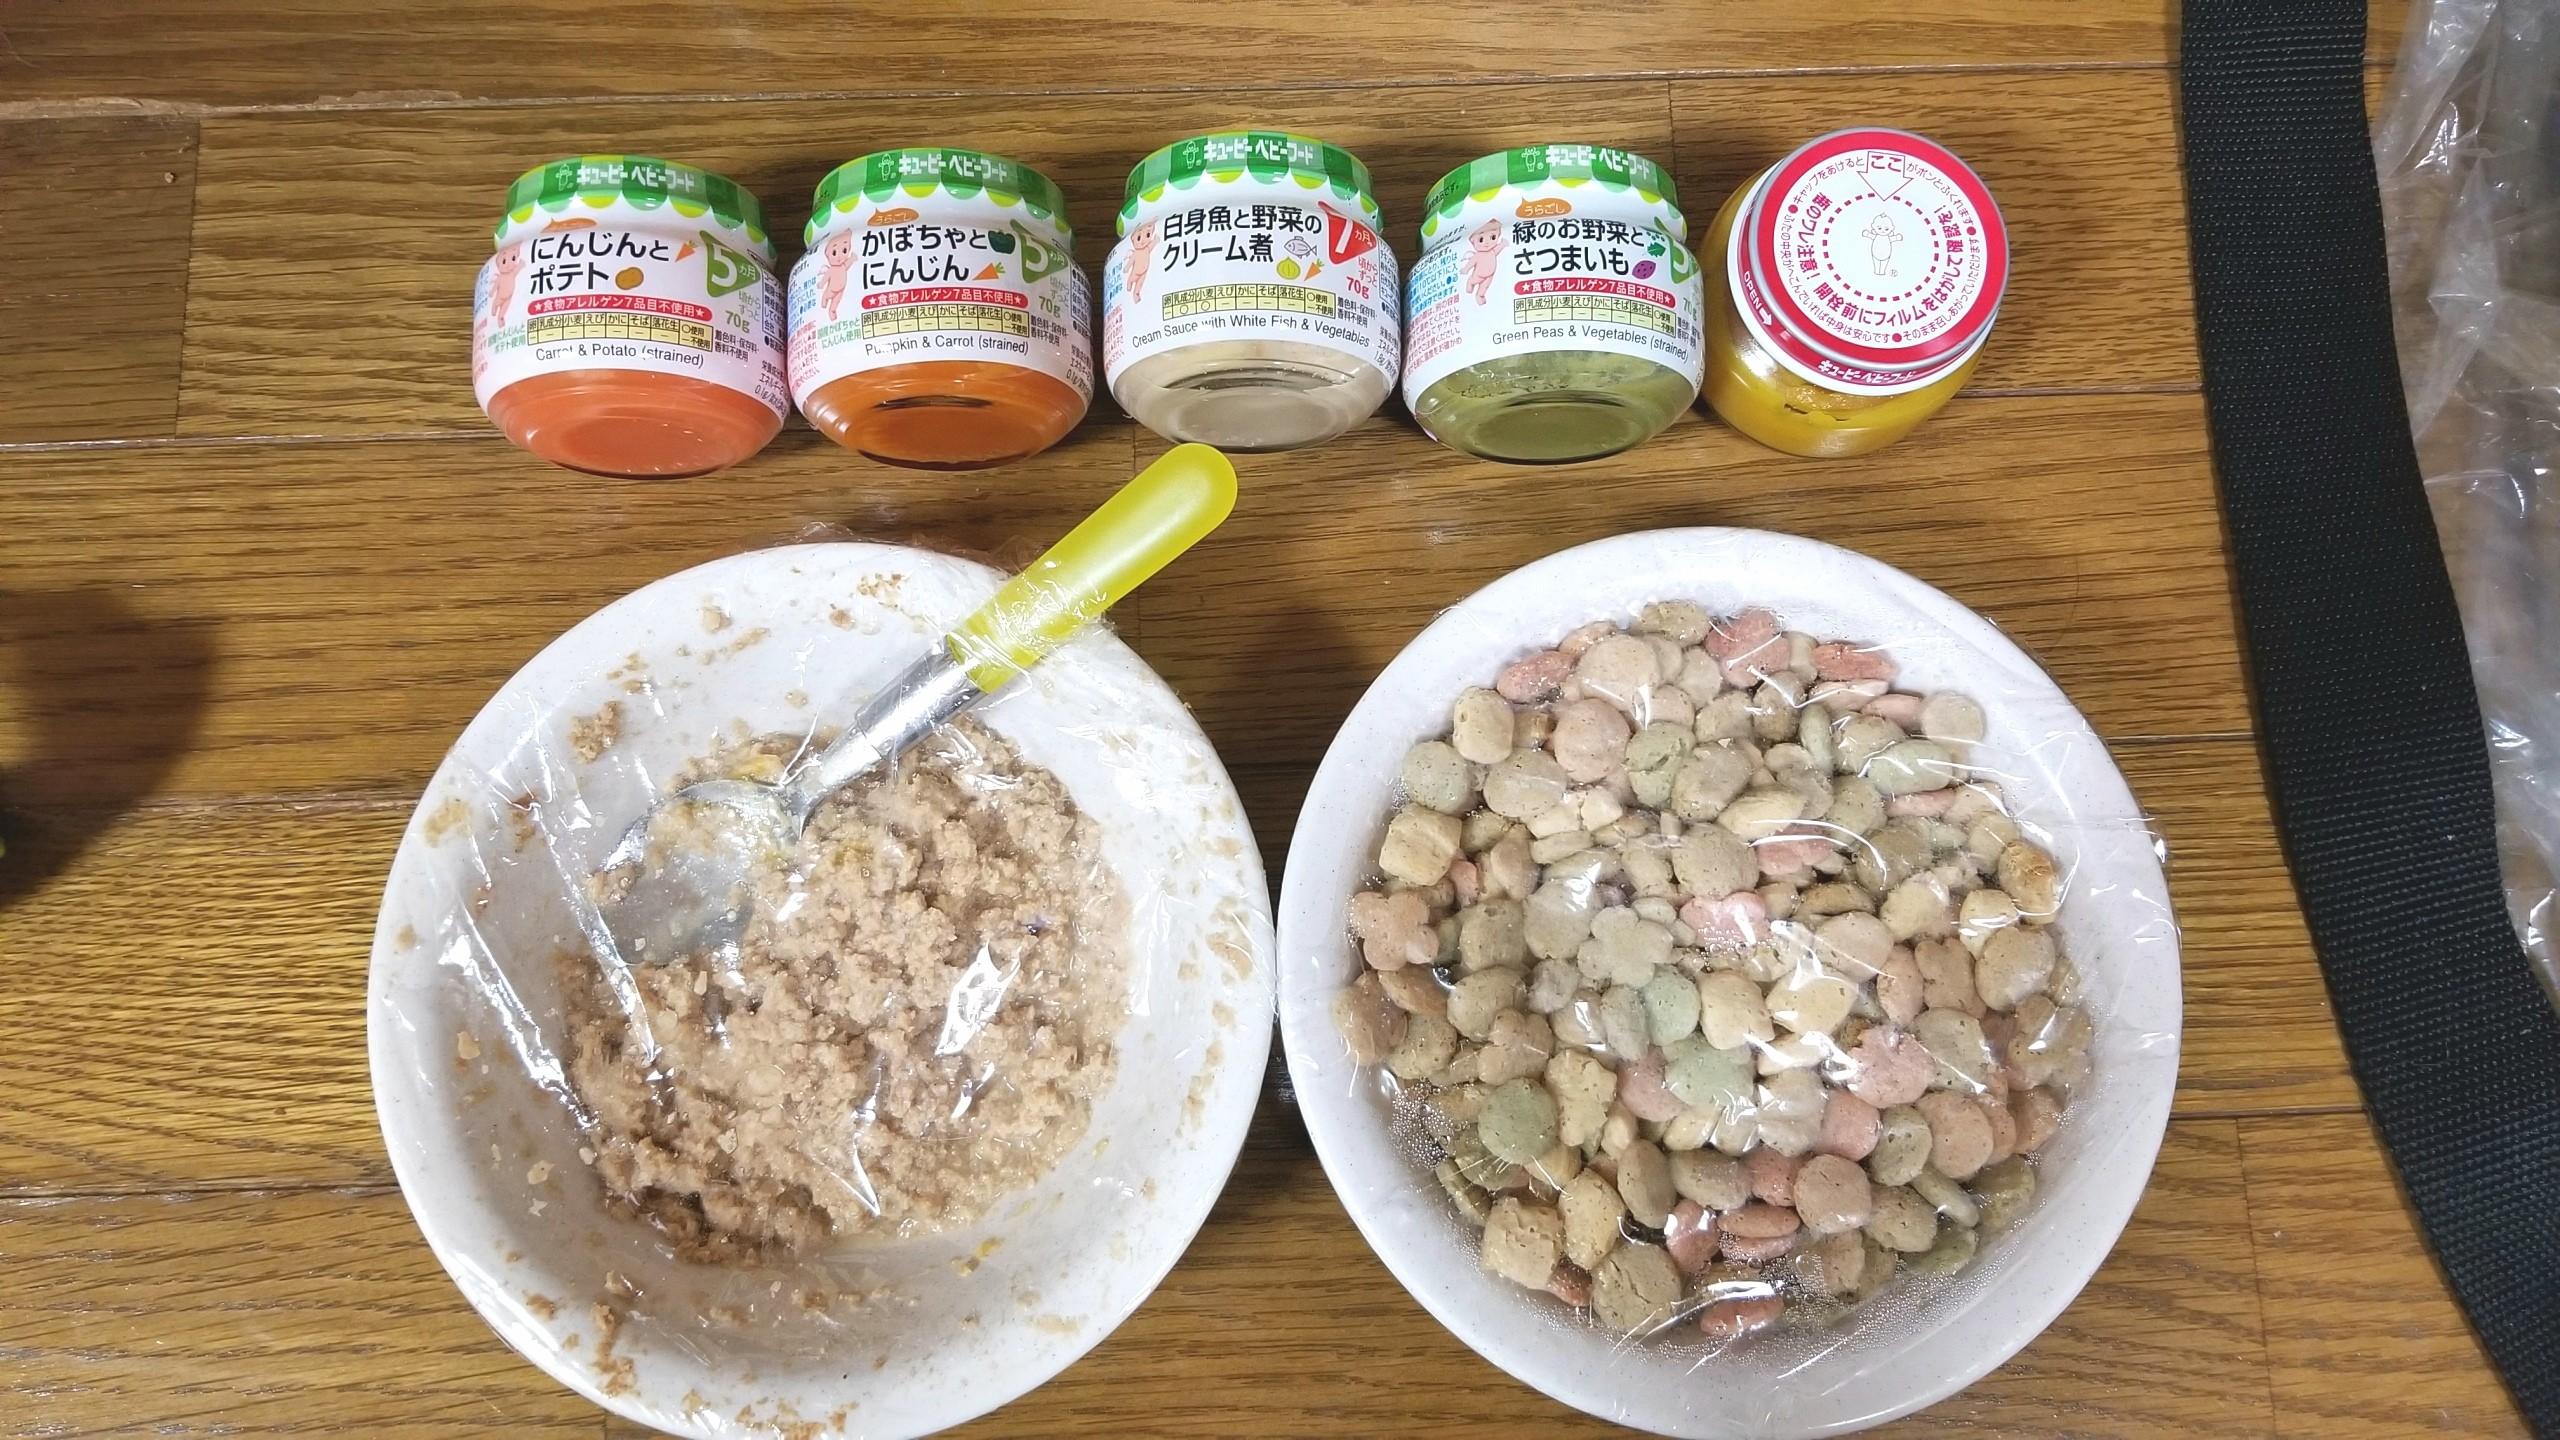 愛犬の食事管理,食事療法,ご飯を食べないペット,赤ちゃんの離乳食